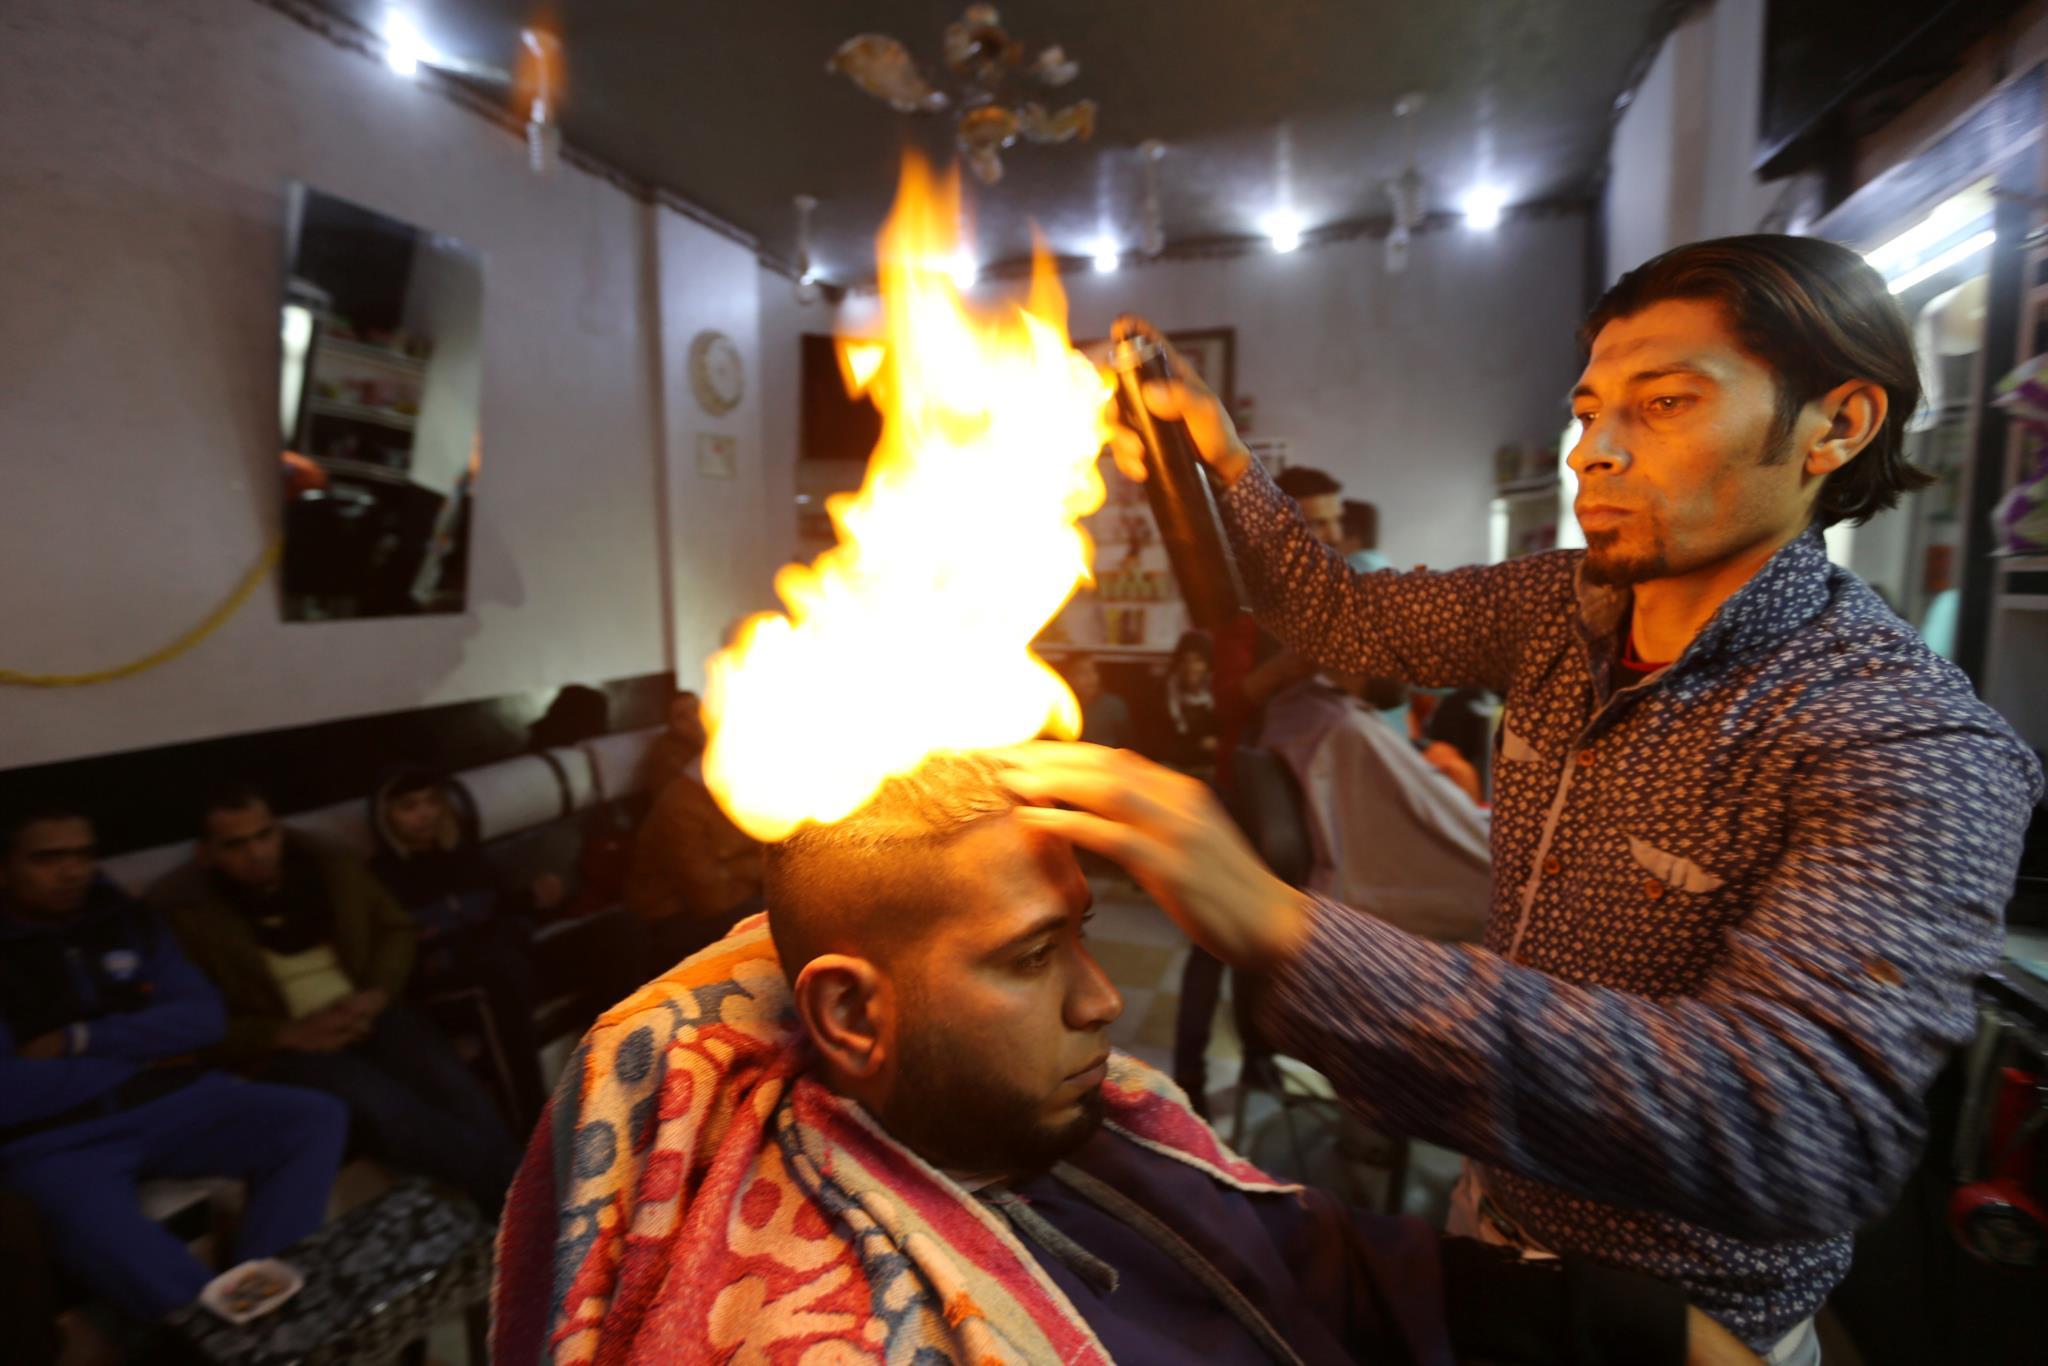 Pegar fogo ao cabelo para um penteado de sonho